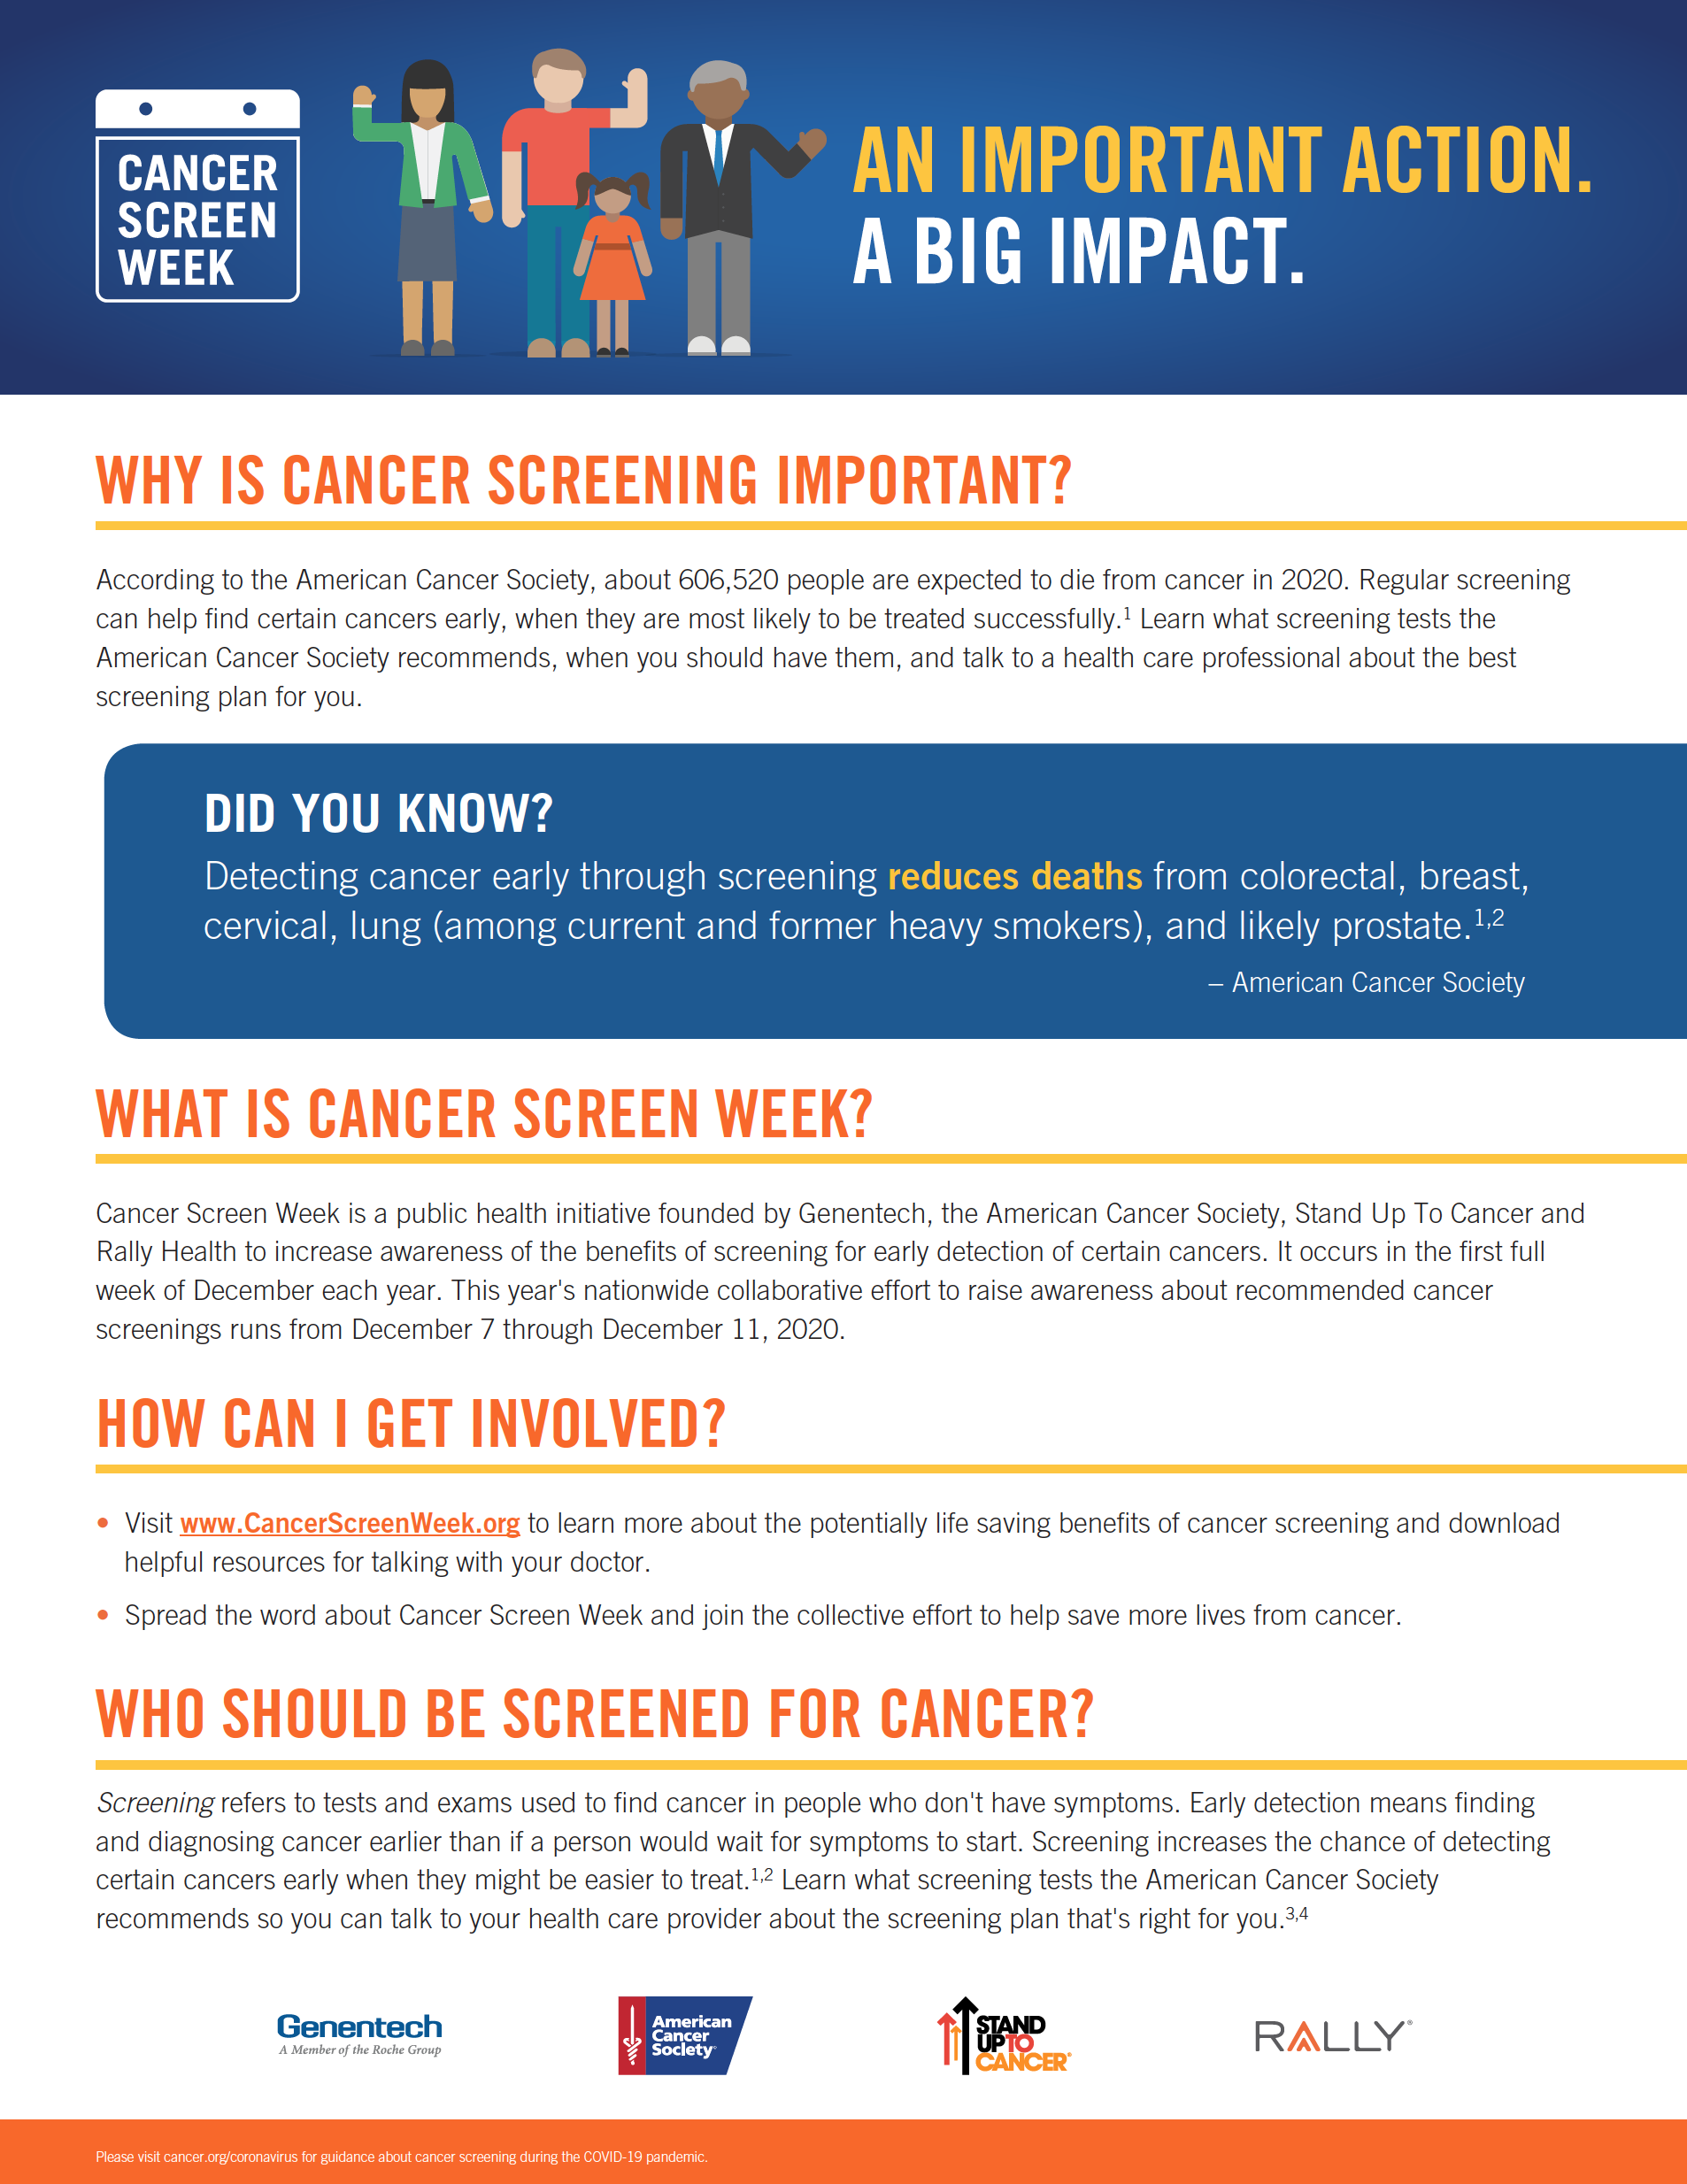 Cancer Screen Week 2020